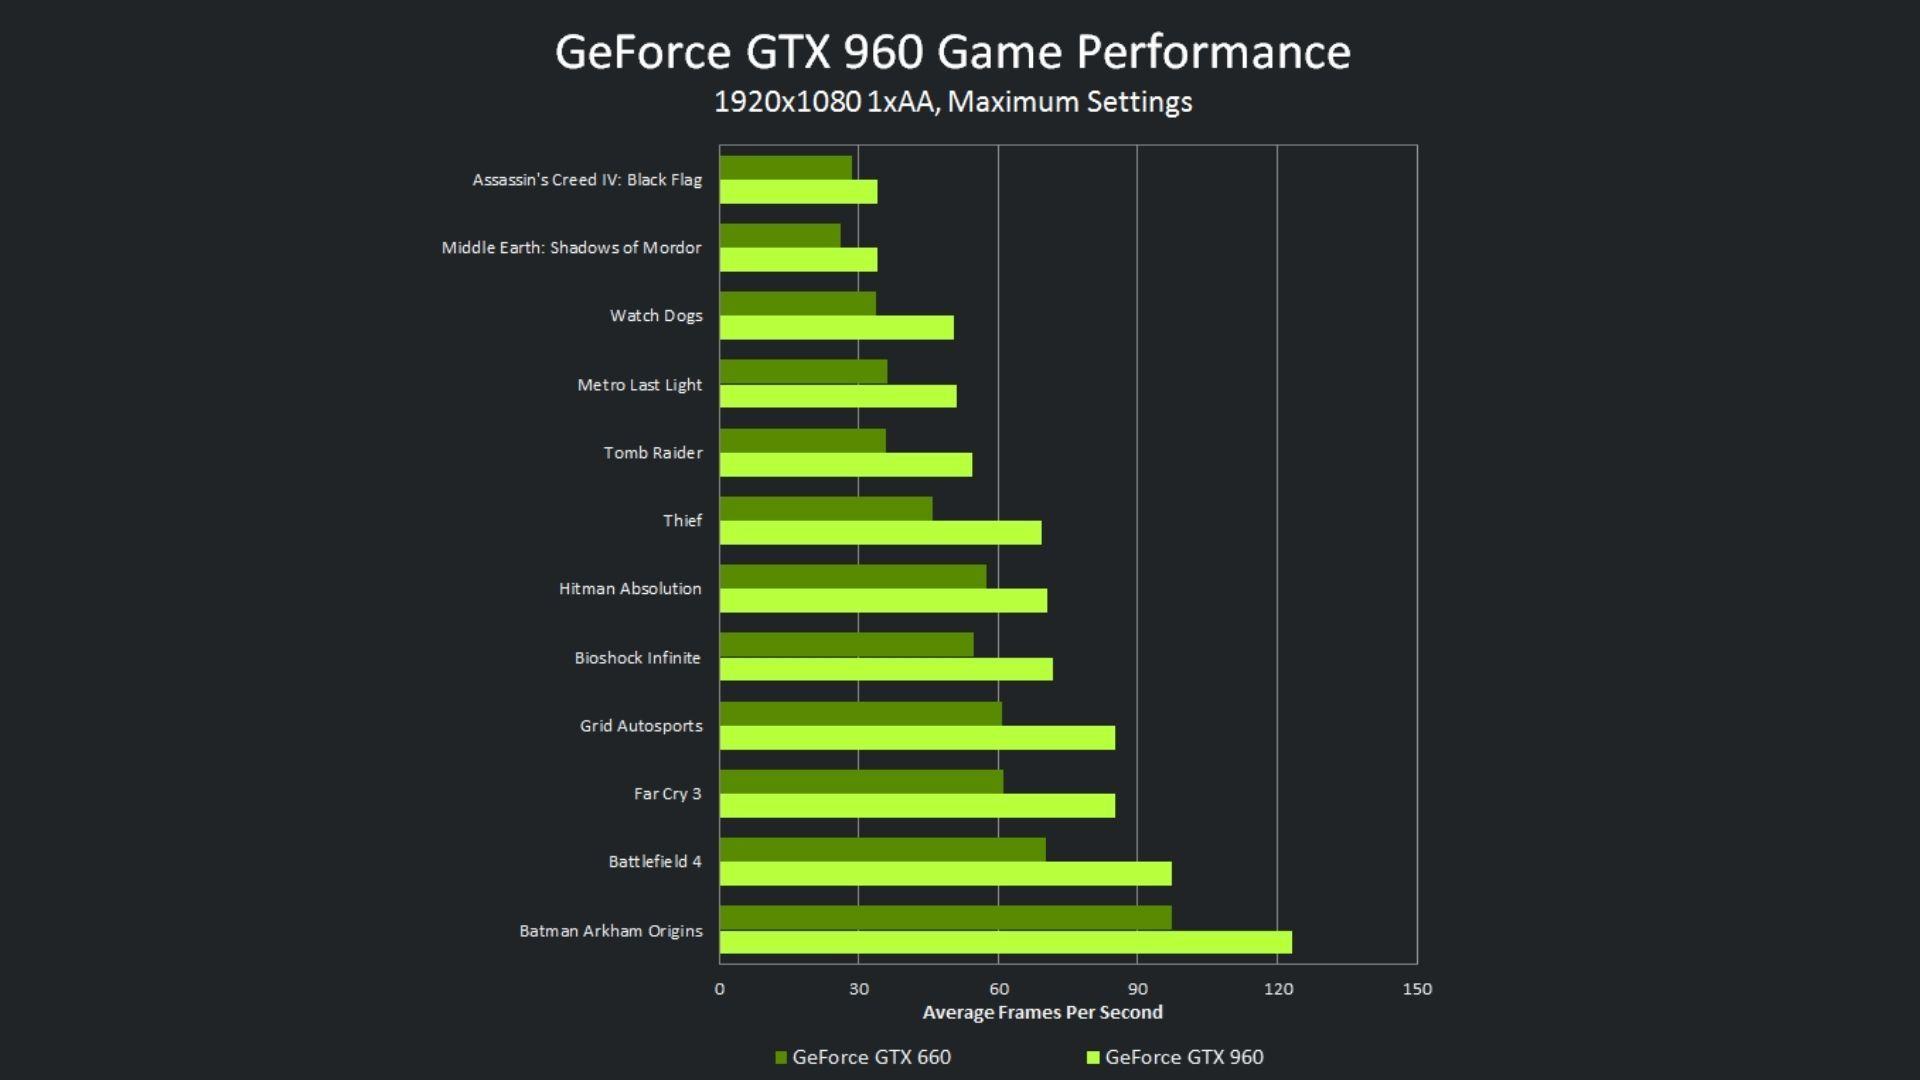 Tabela da performance da GTX 960 com gráficos na cor verde